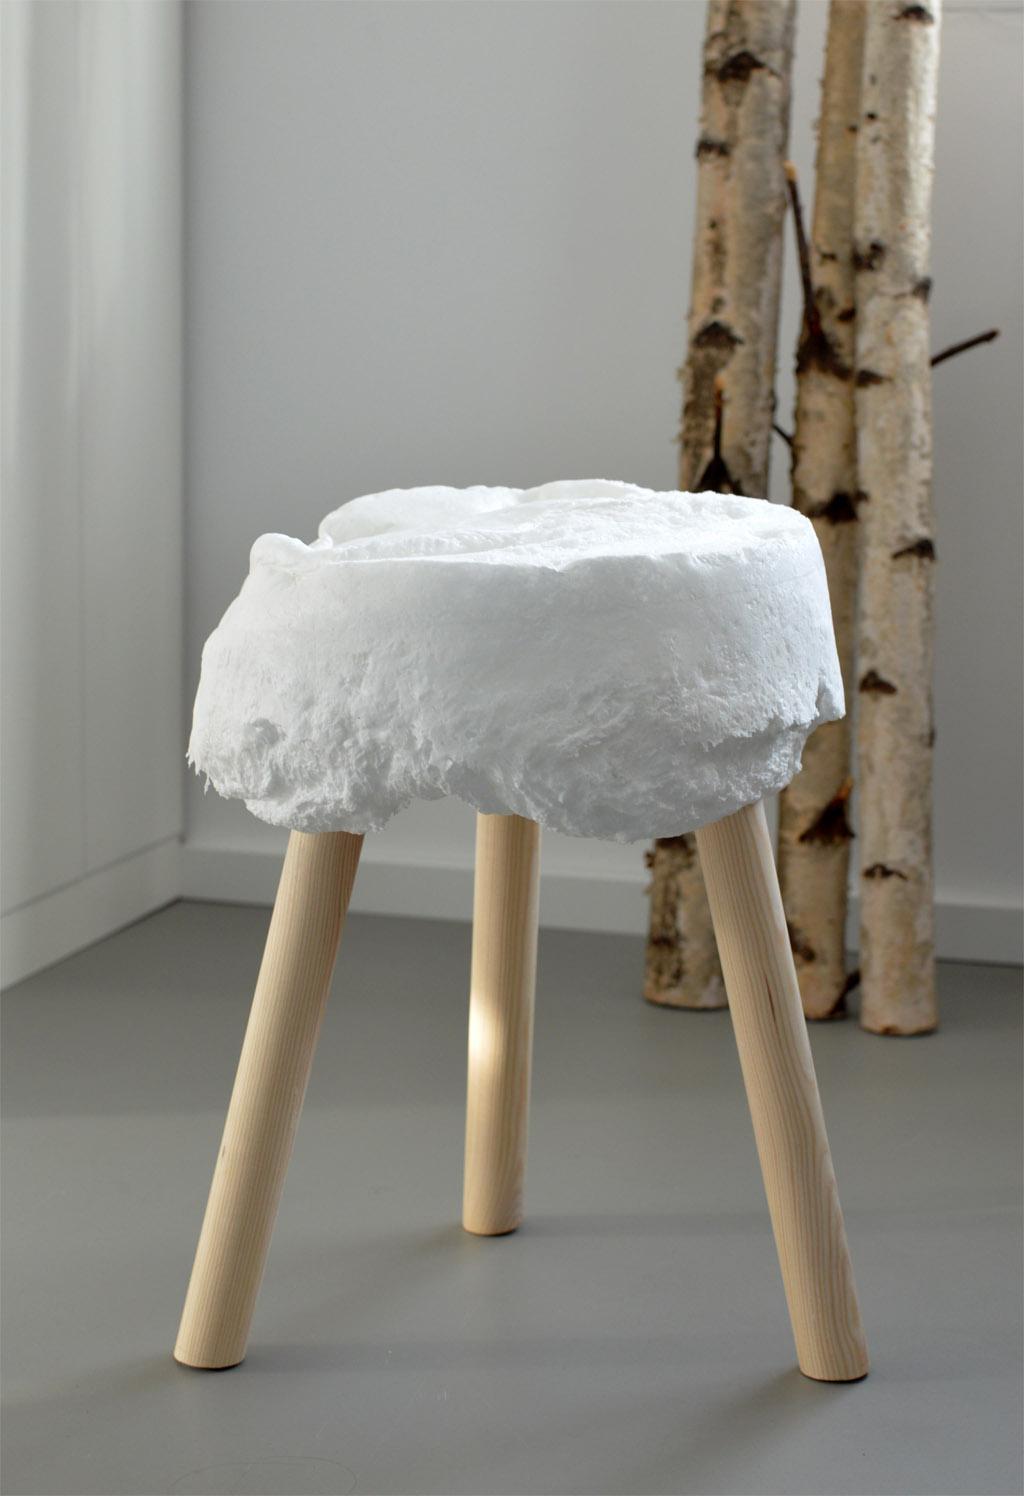 DIY stool expanding foam